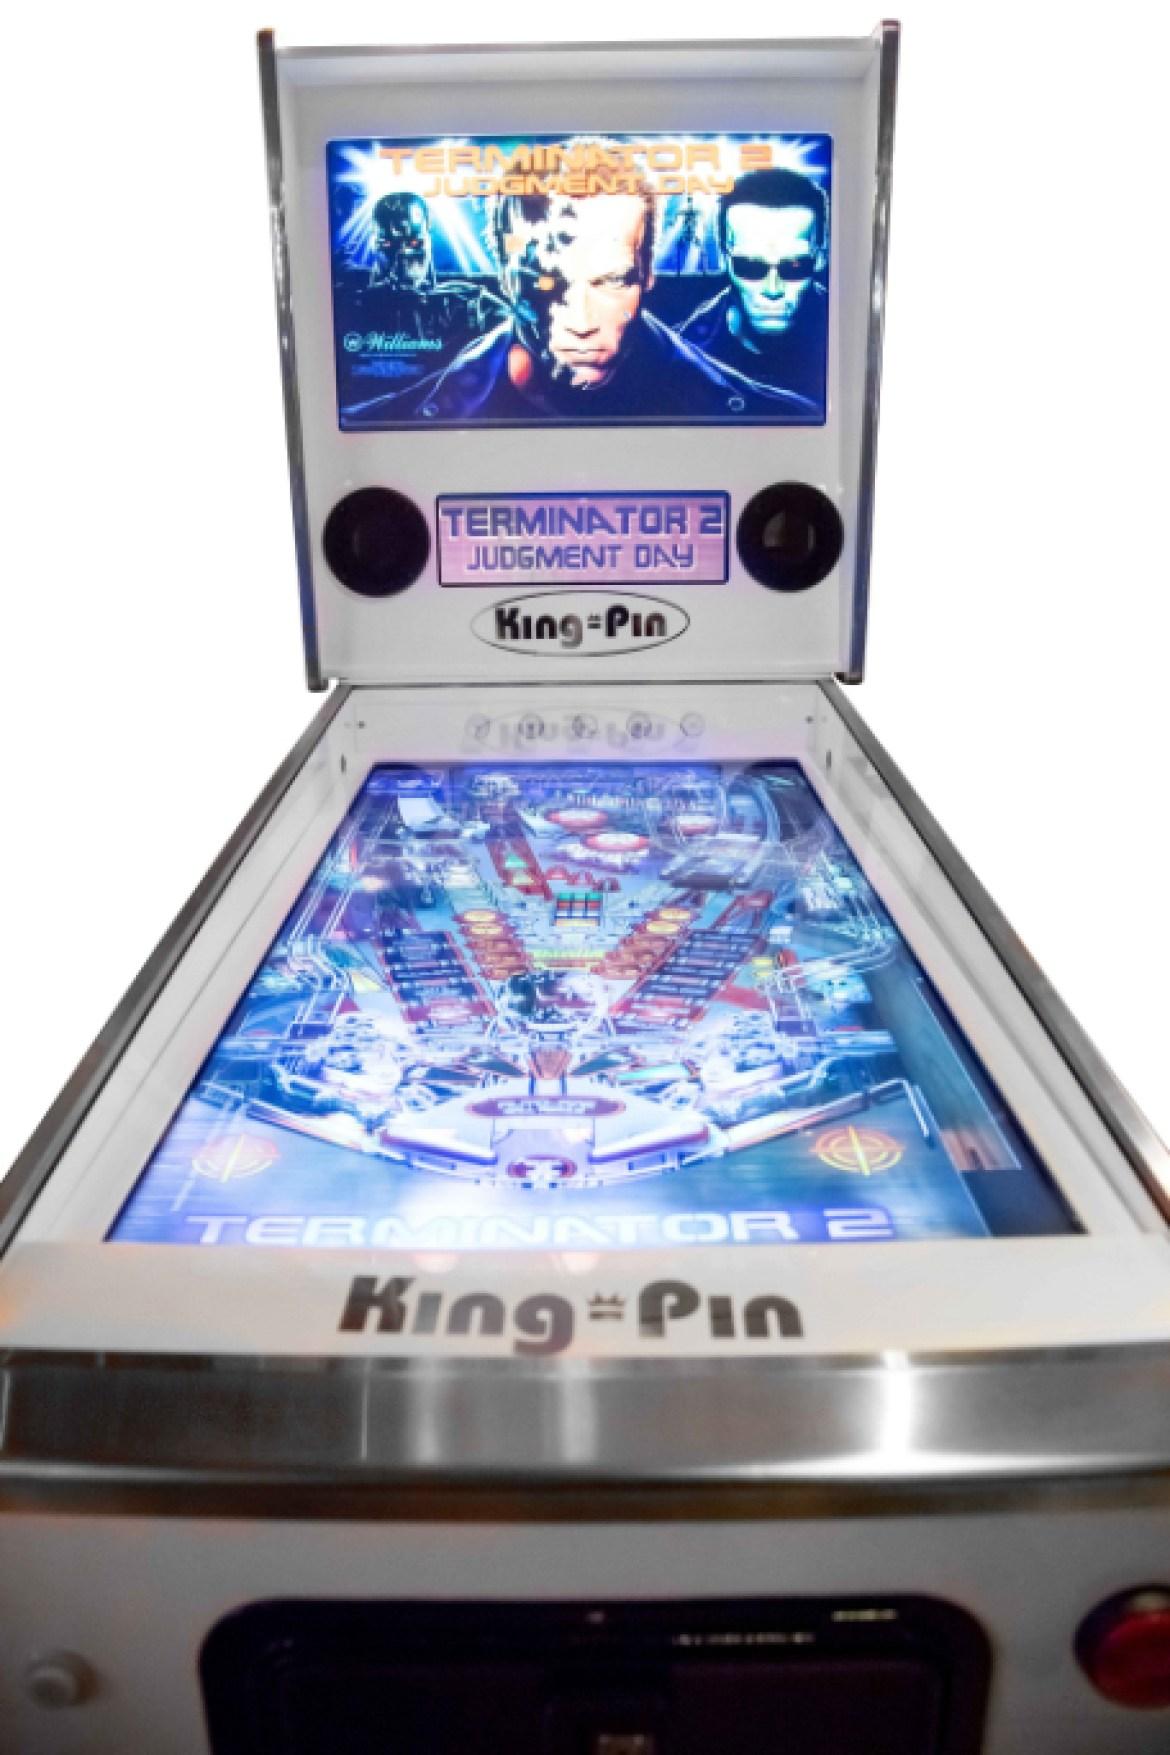 bespoke-arcades-king-pin